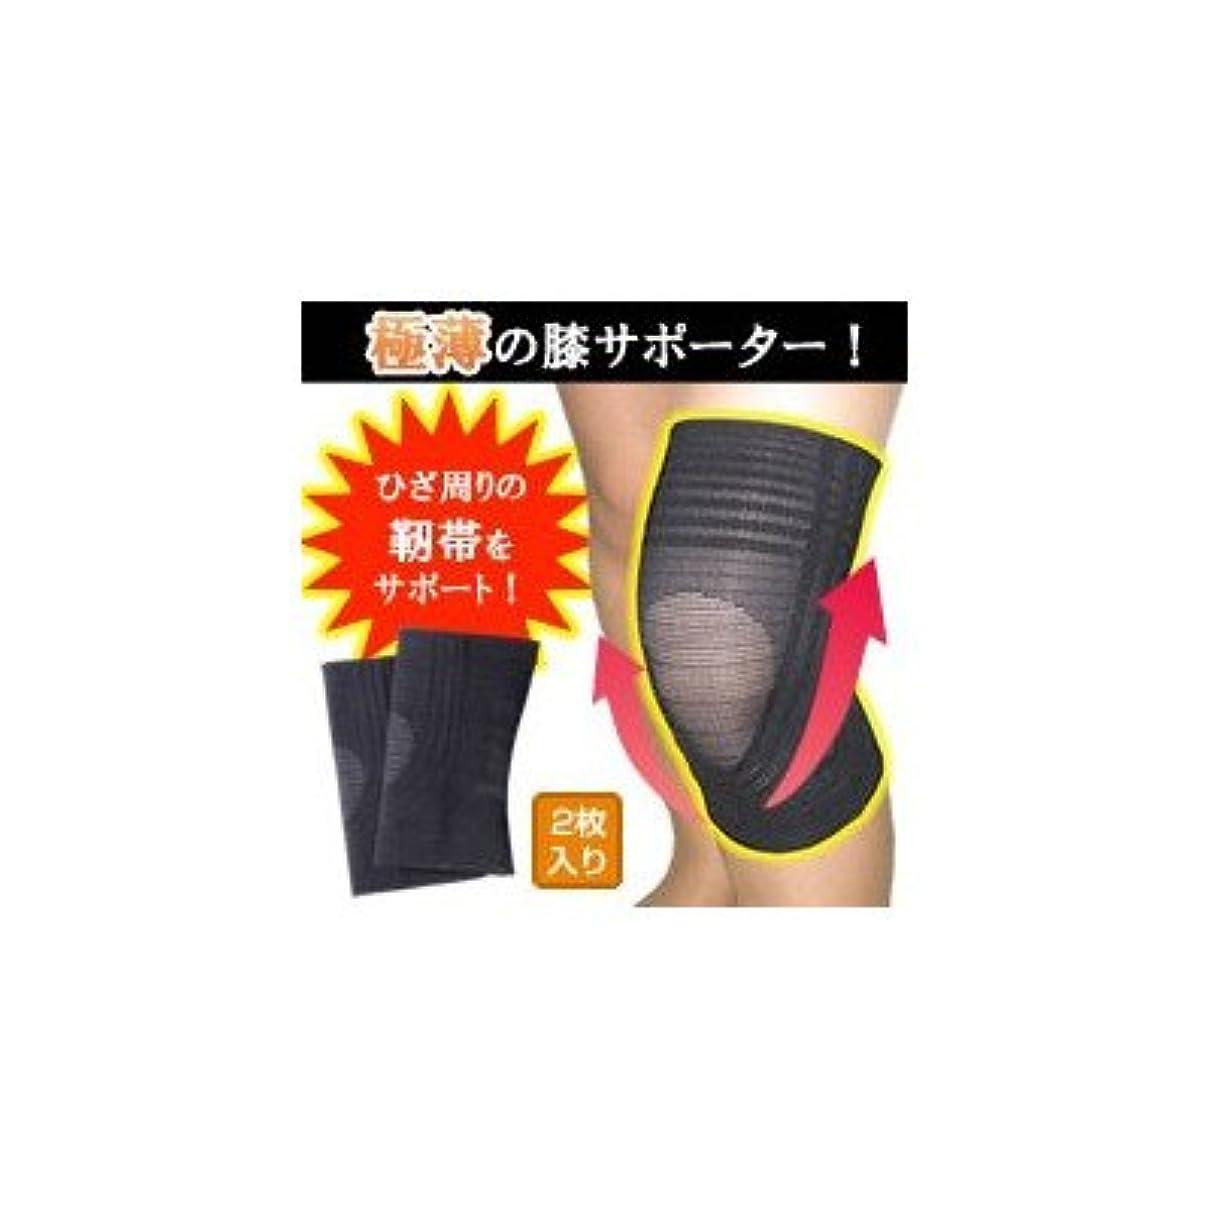 まどろみのある苦敬の念縁の下の膝靭帯サポーター L( 画像はイメージ画像です お届けの商品はLのみとなります)